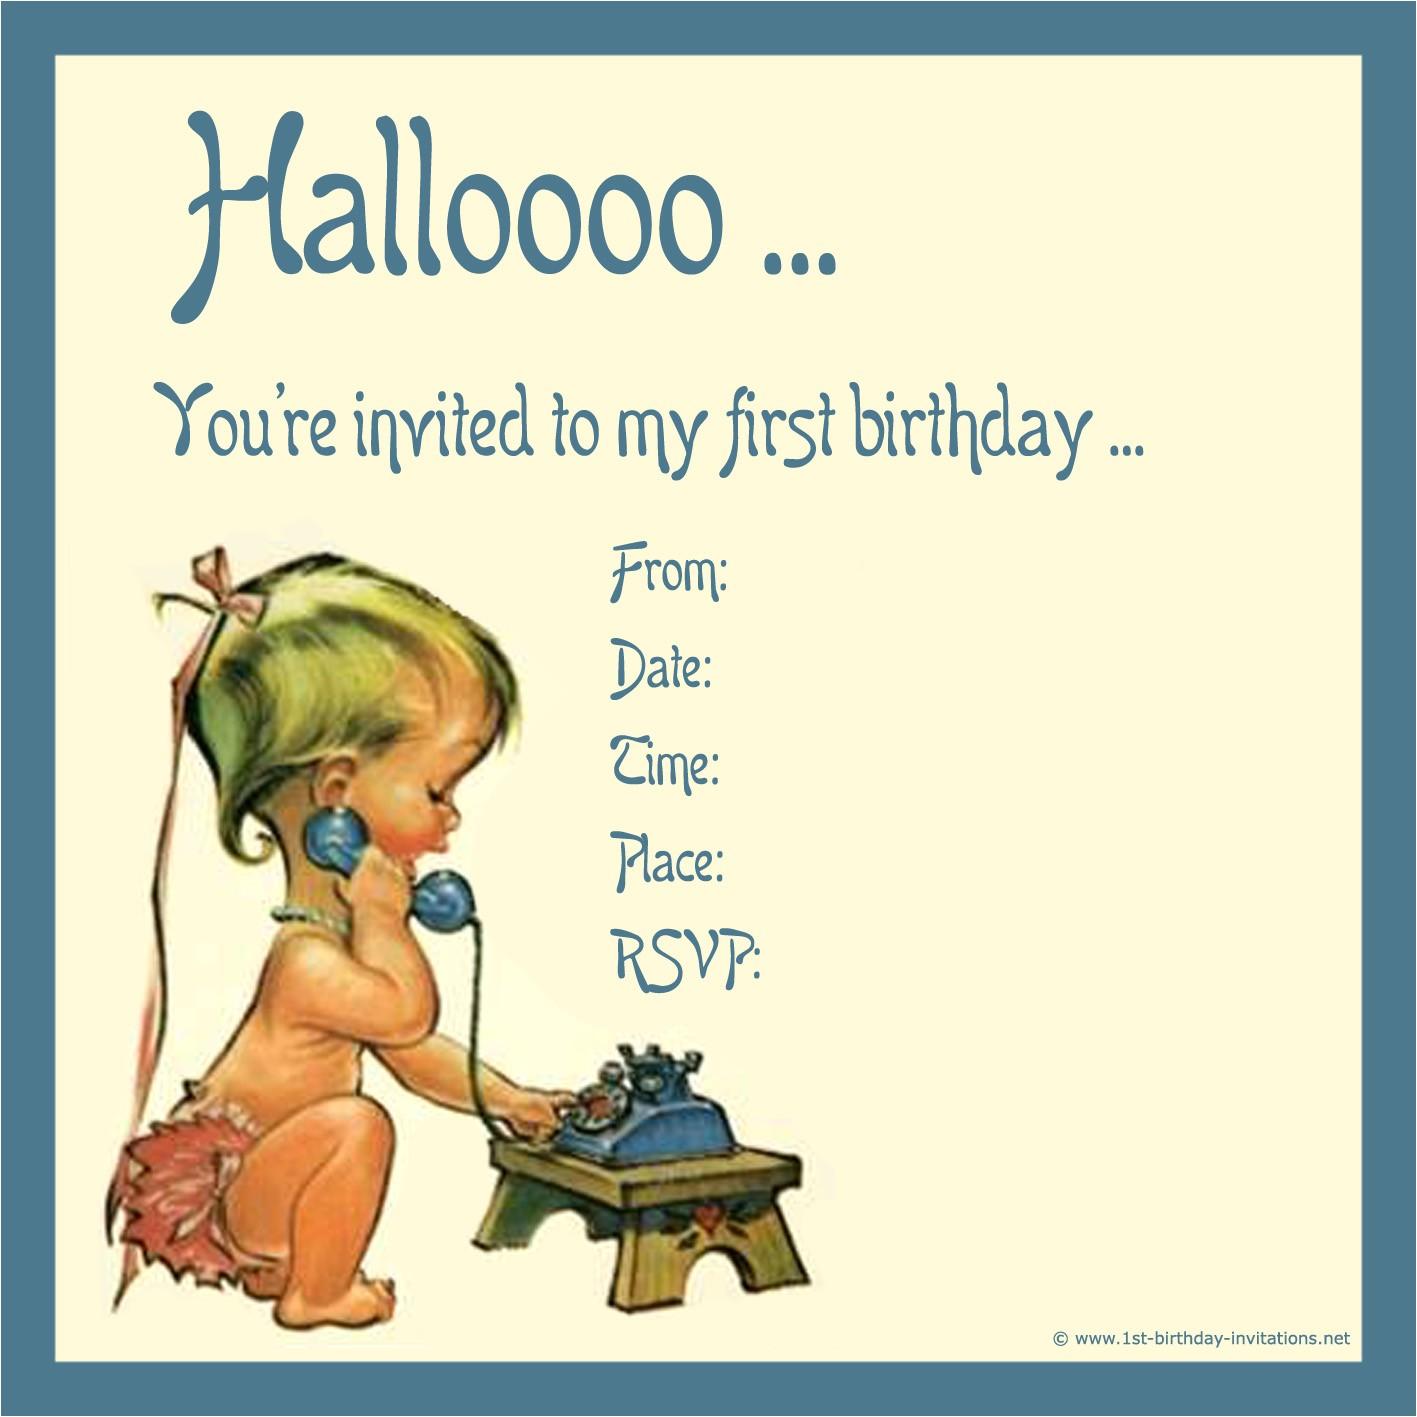 1st birthday invitations net